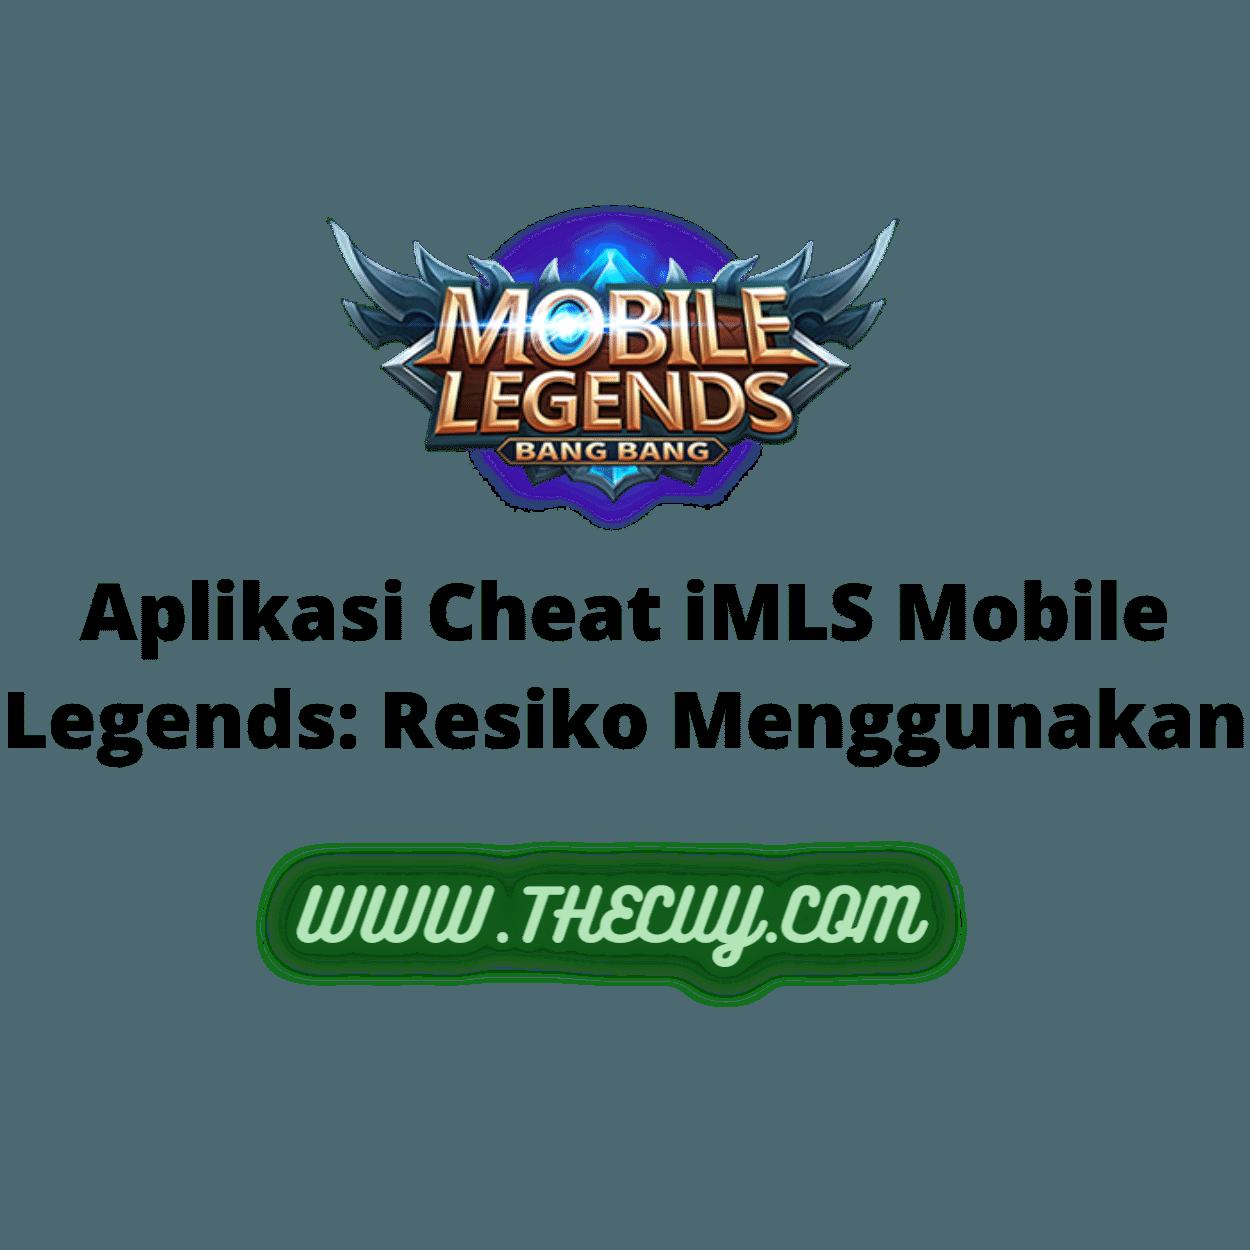 Aplikasi Cheat iMLS Mobile Legends: Resiko Menggunakan